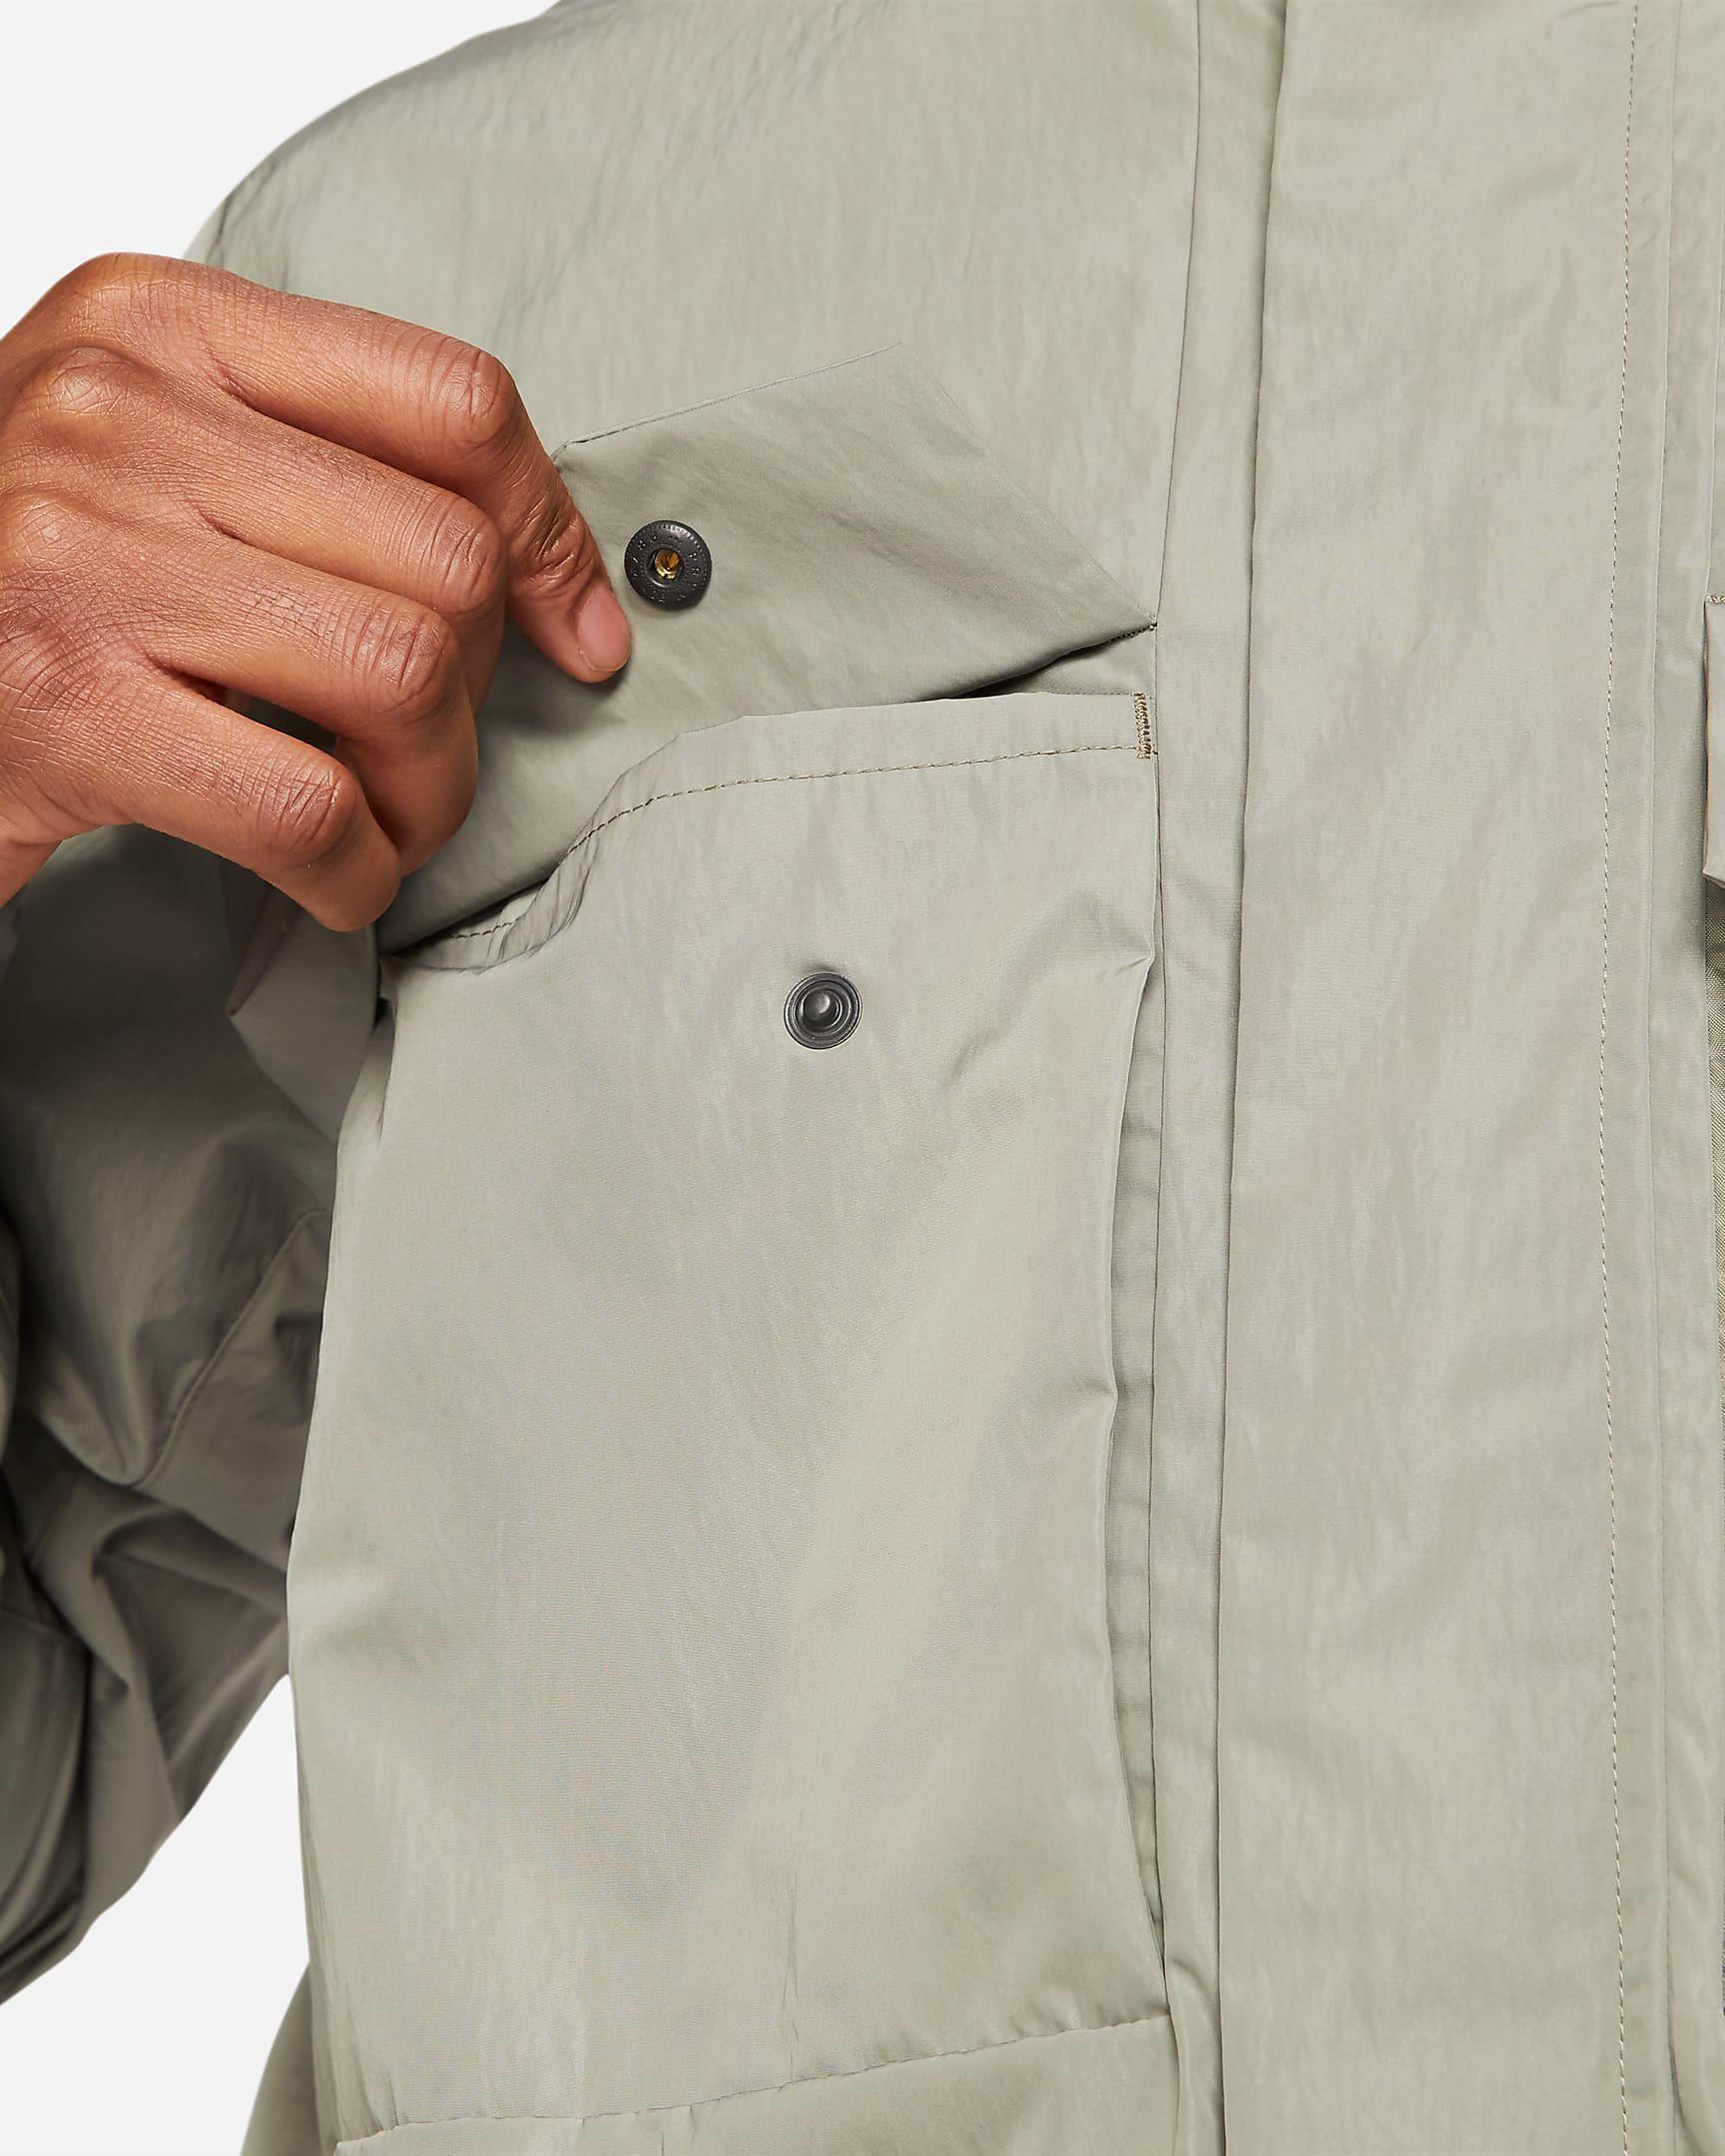 air-jordan-1-high-patina-light-army-jacket-7